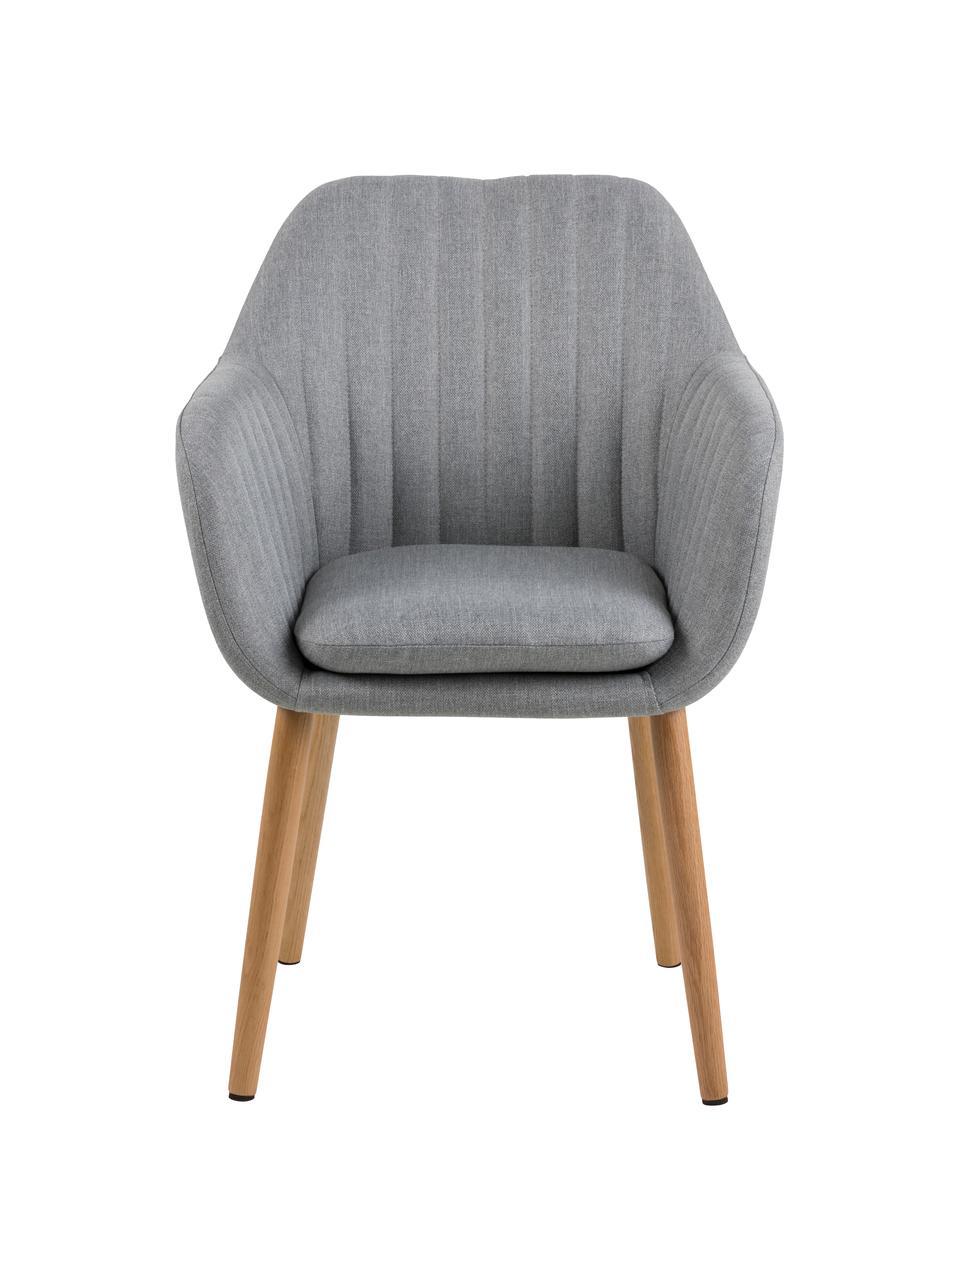 Krzesło z podłokietnikami z drewnianymi nogami Emilia, Tapicerka: poliester Dzięki tkaninie, Nogi: drewno dębowe, olejowane, Jasny szary, drewno dębowe, S 57 x G 59 cm